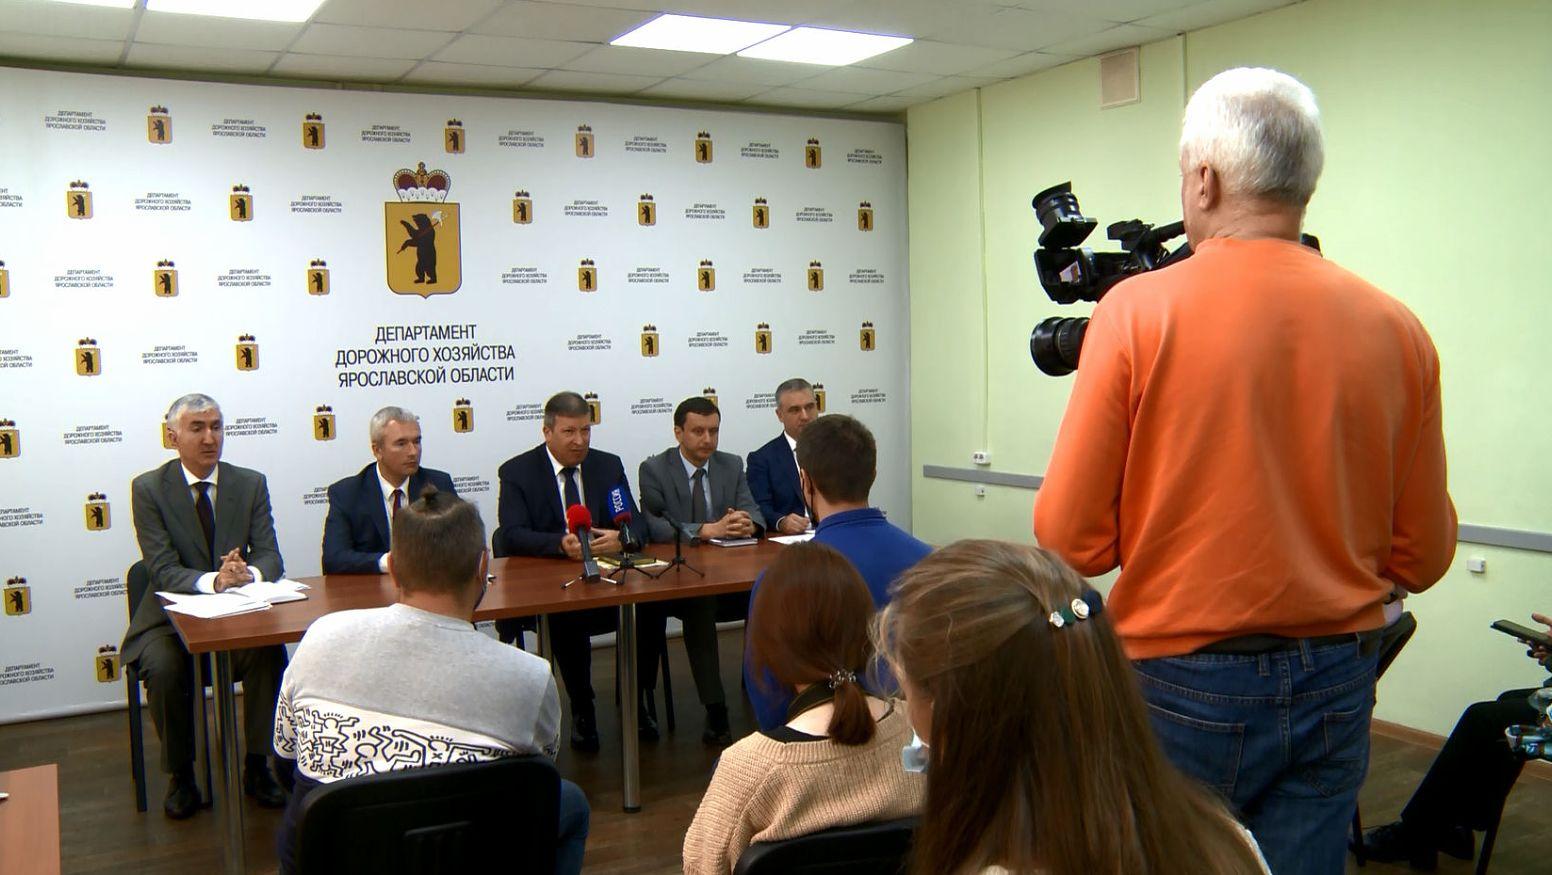 О ЖКХ, дорогах и строительстве говорили на пресс-конференции профильных департаментов Правительства Ярославской области